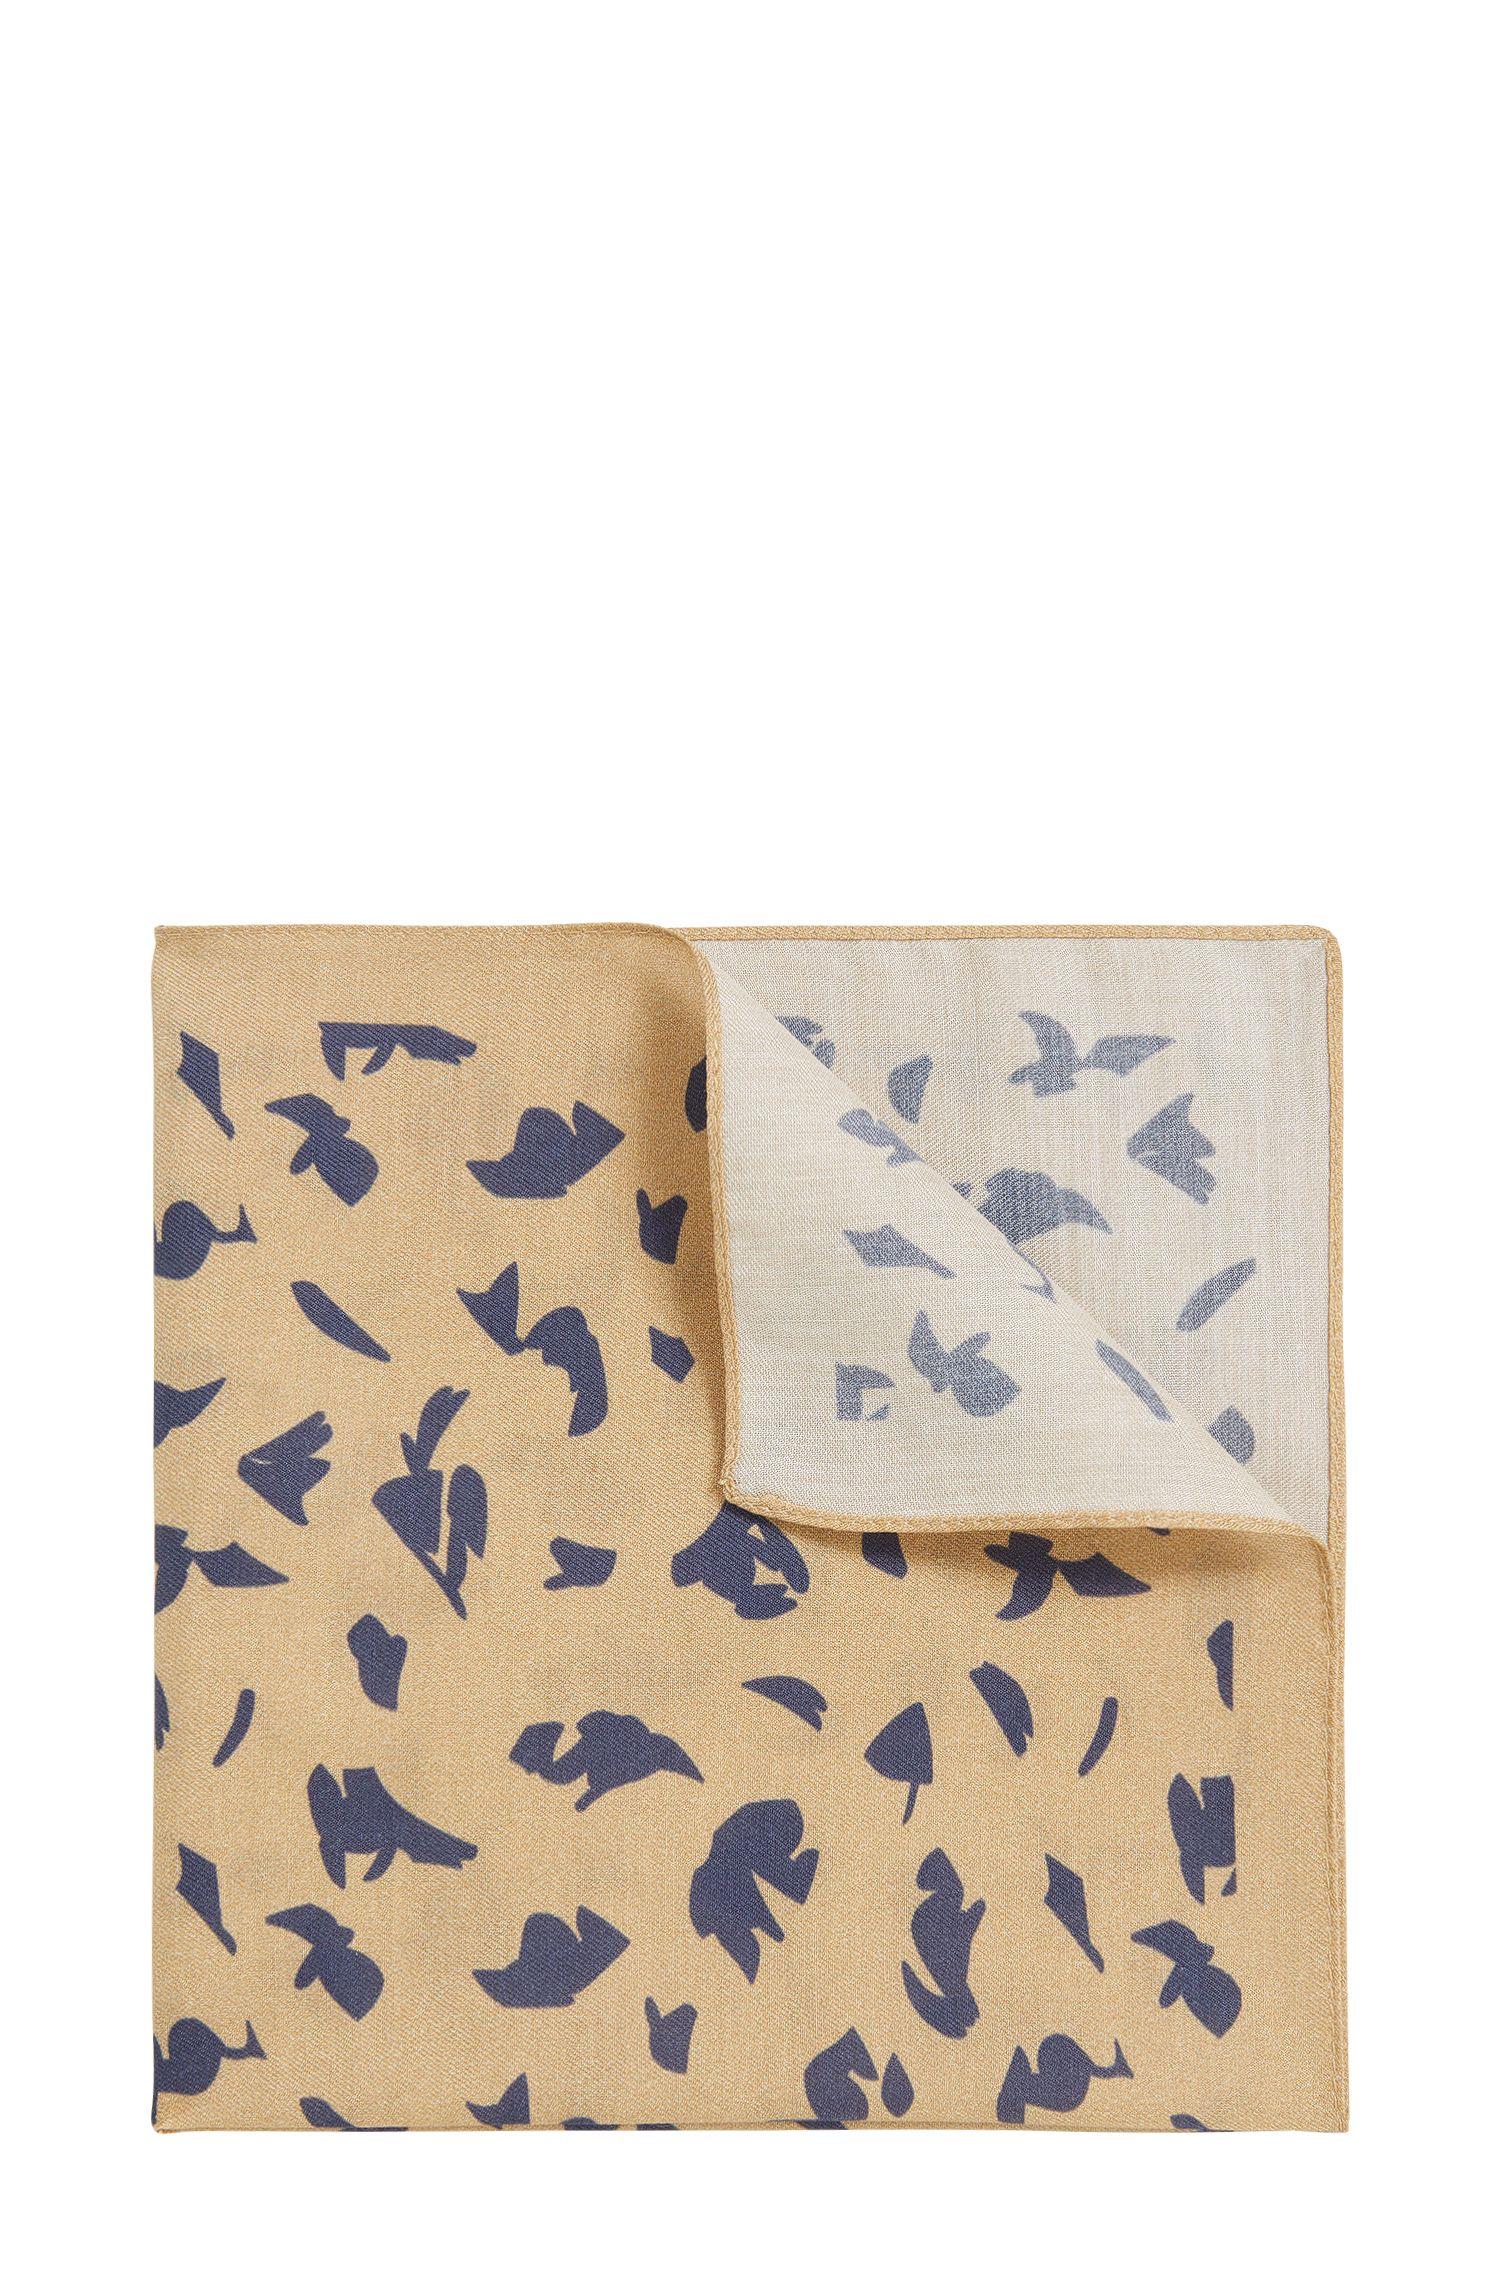 Pochette da taschino stampata in misto cotone con seta